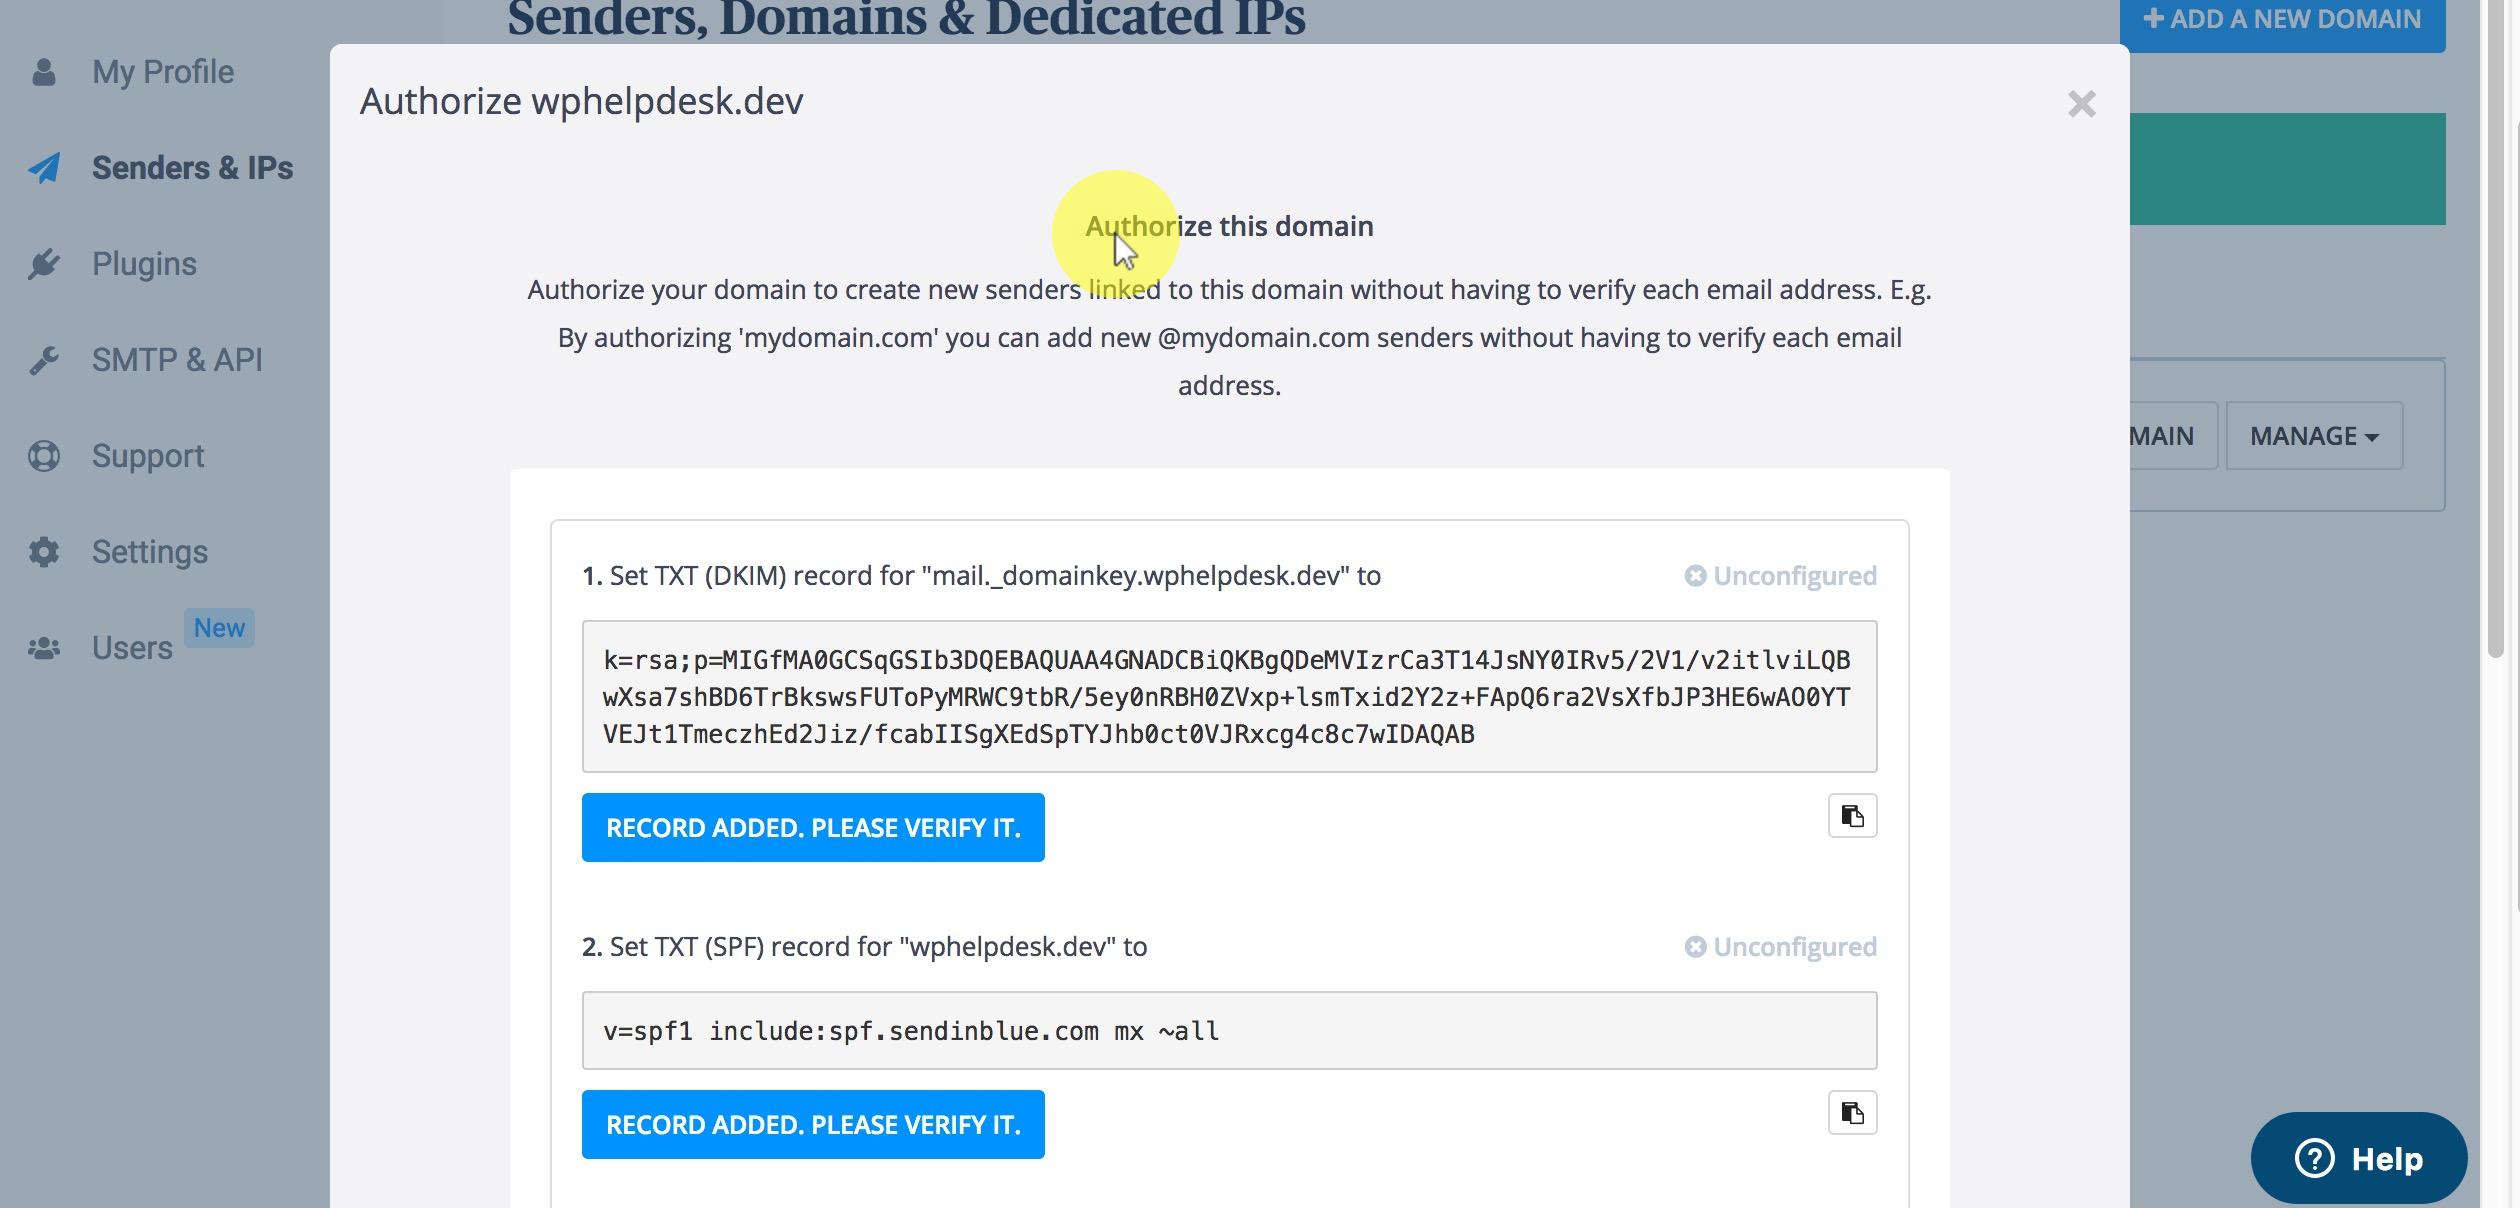 Vervolgens krijg je een scherm met gegevens die ingevoerd moeten worden in de 'DNS' van je domeinnaam. Dat doe je bij de webhosting provider waar het domeinnaam geregistreerd is. Bij een beetje service gerichte partij kan je deze gegevens ook bij hun support inschieten zodat ze dit voor je instellen. Voor wie de weg weet binnen zo'n paneel is dit meestal binnen 5 minuten gepiept. Als je de login gegevens hebt van je webhosting beheer paneel zouden we je hierbij meestal ook wel telefonisch kunnen helpen als je AnyDesk of Teamviewer geïnstalleerd hebt (voor schermdelen)